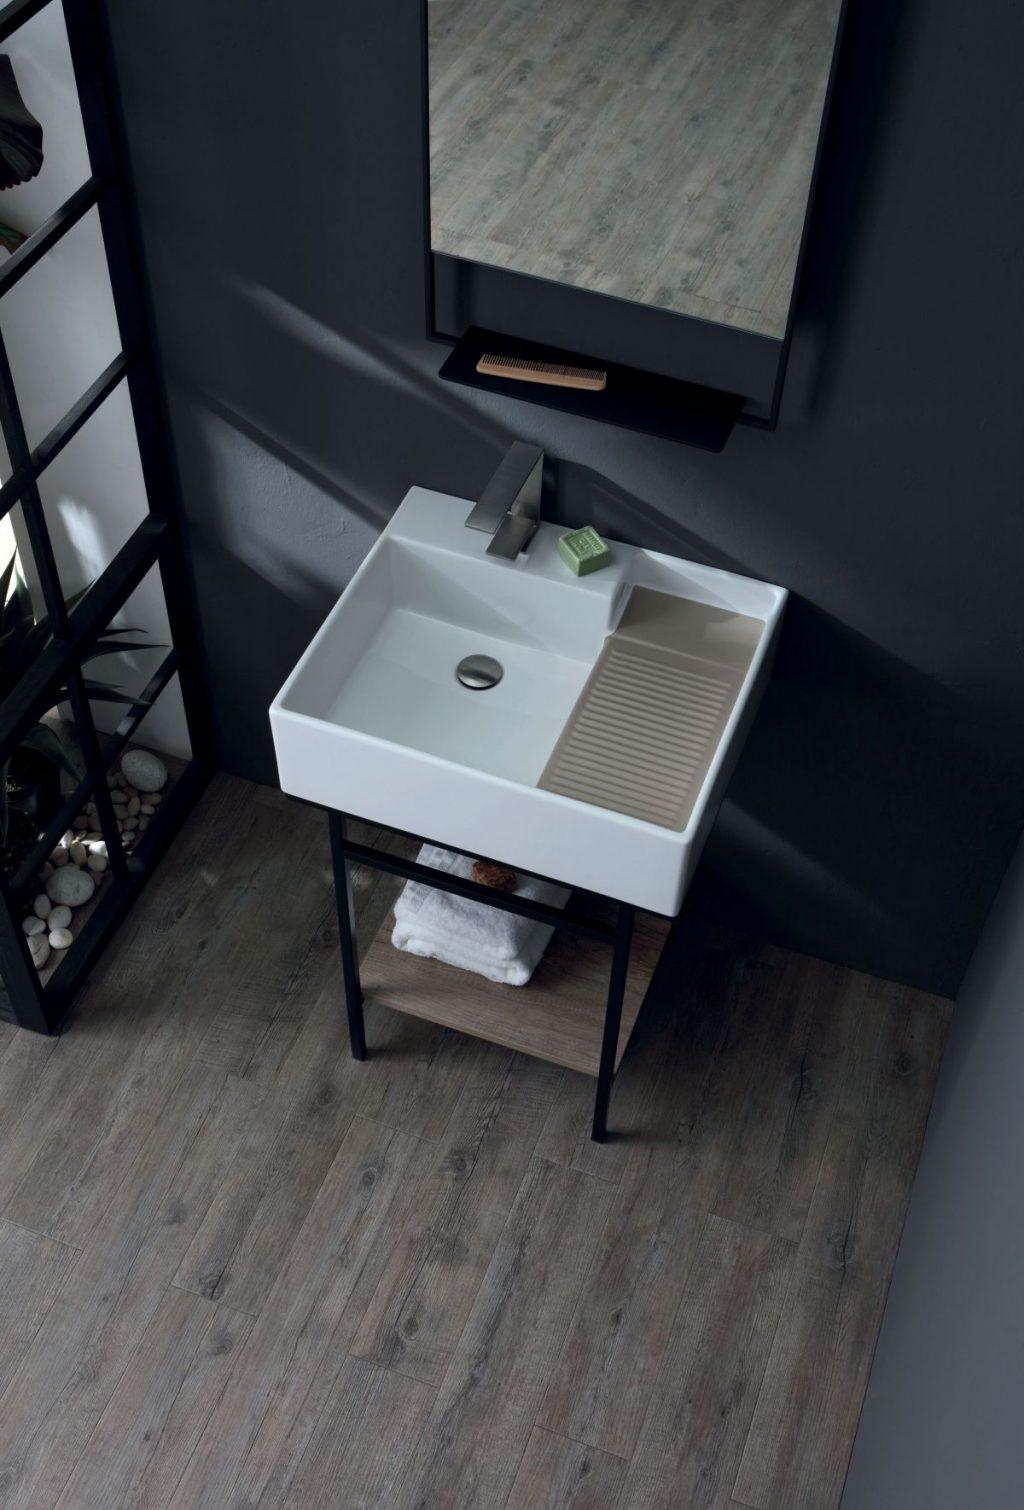 Colavene Acquaceramica Nobu, 60x50 cm blanc et mater mat